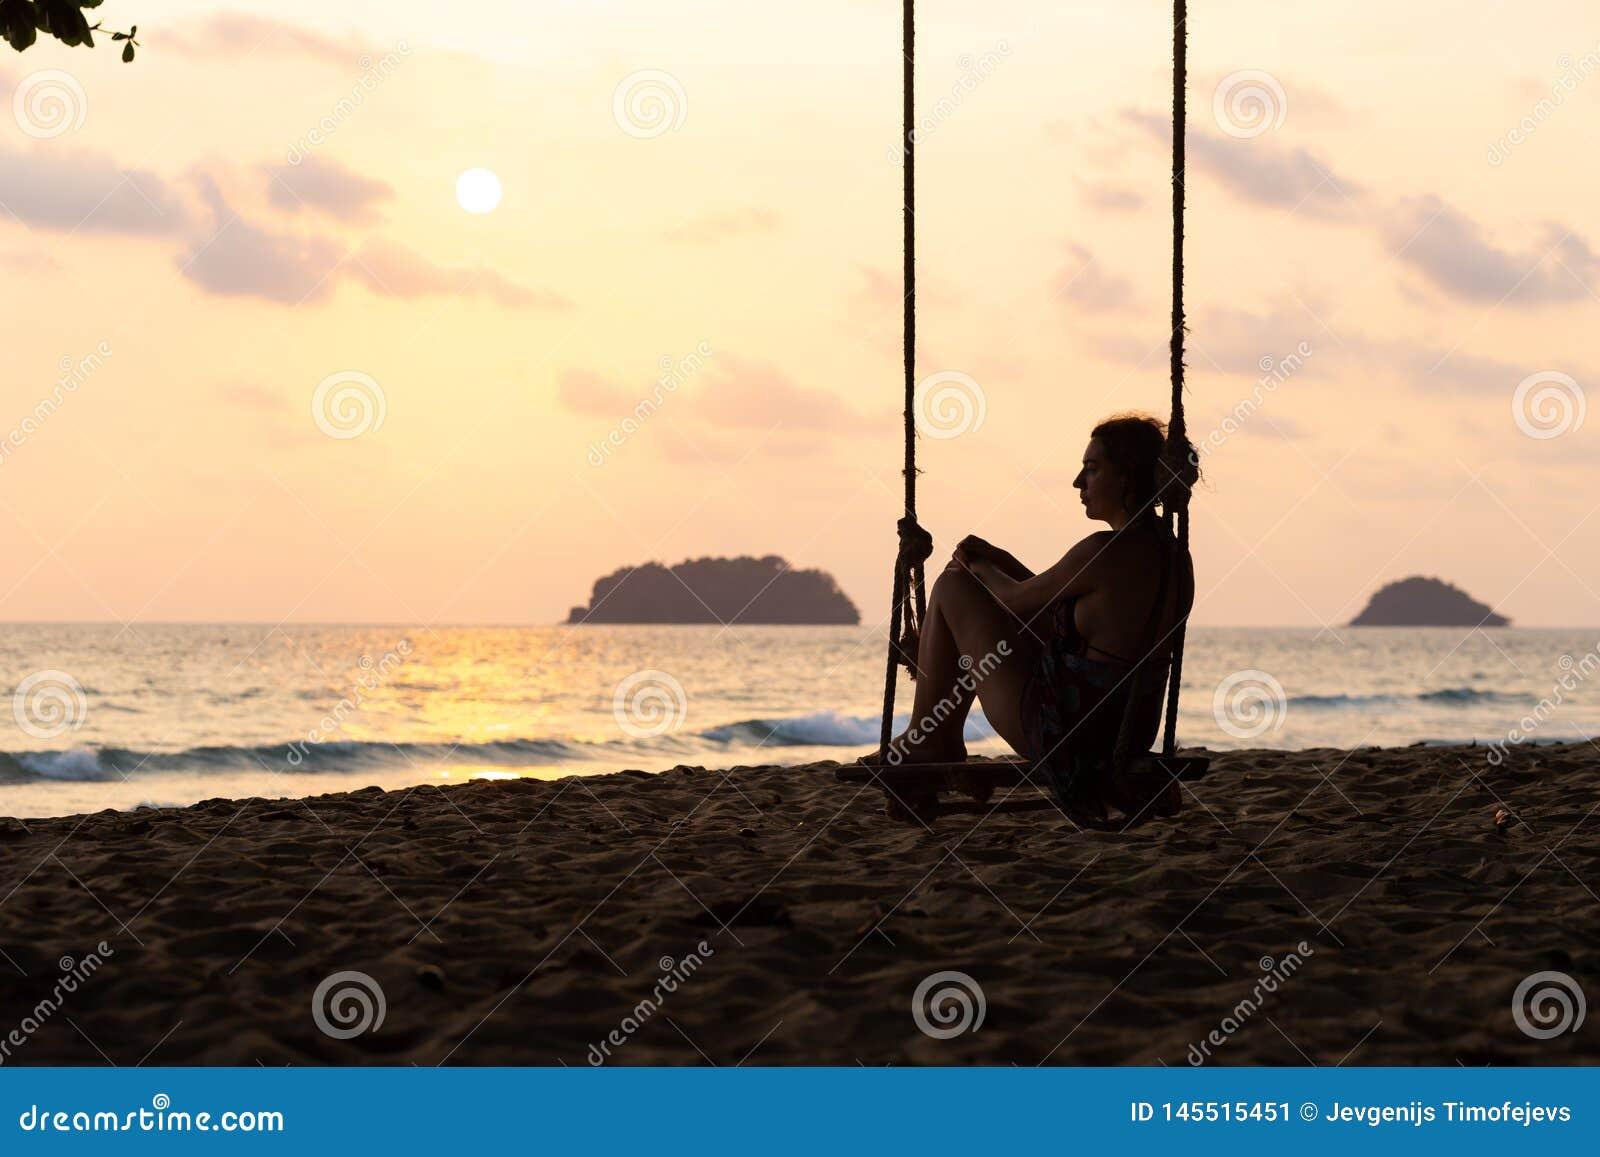 Фото блога перемещения: Силуэт женщины в платье во время захода солнца с взглядом над морем с небольшим isand на горизонте